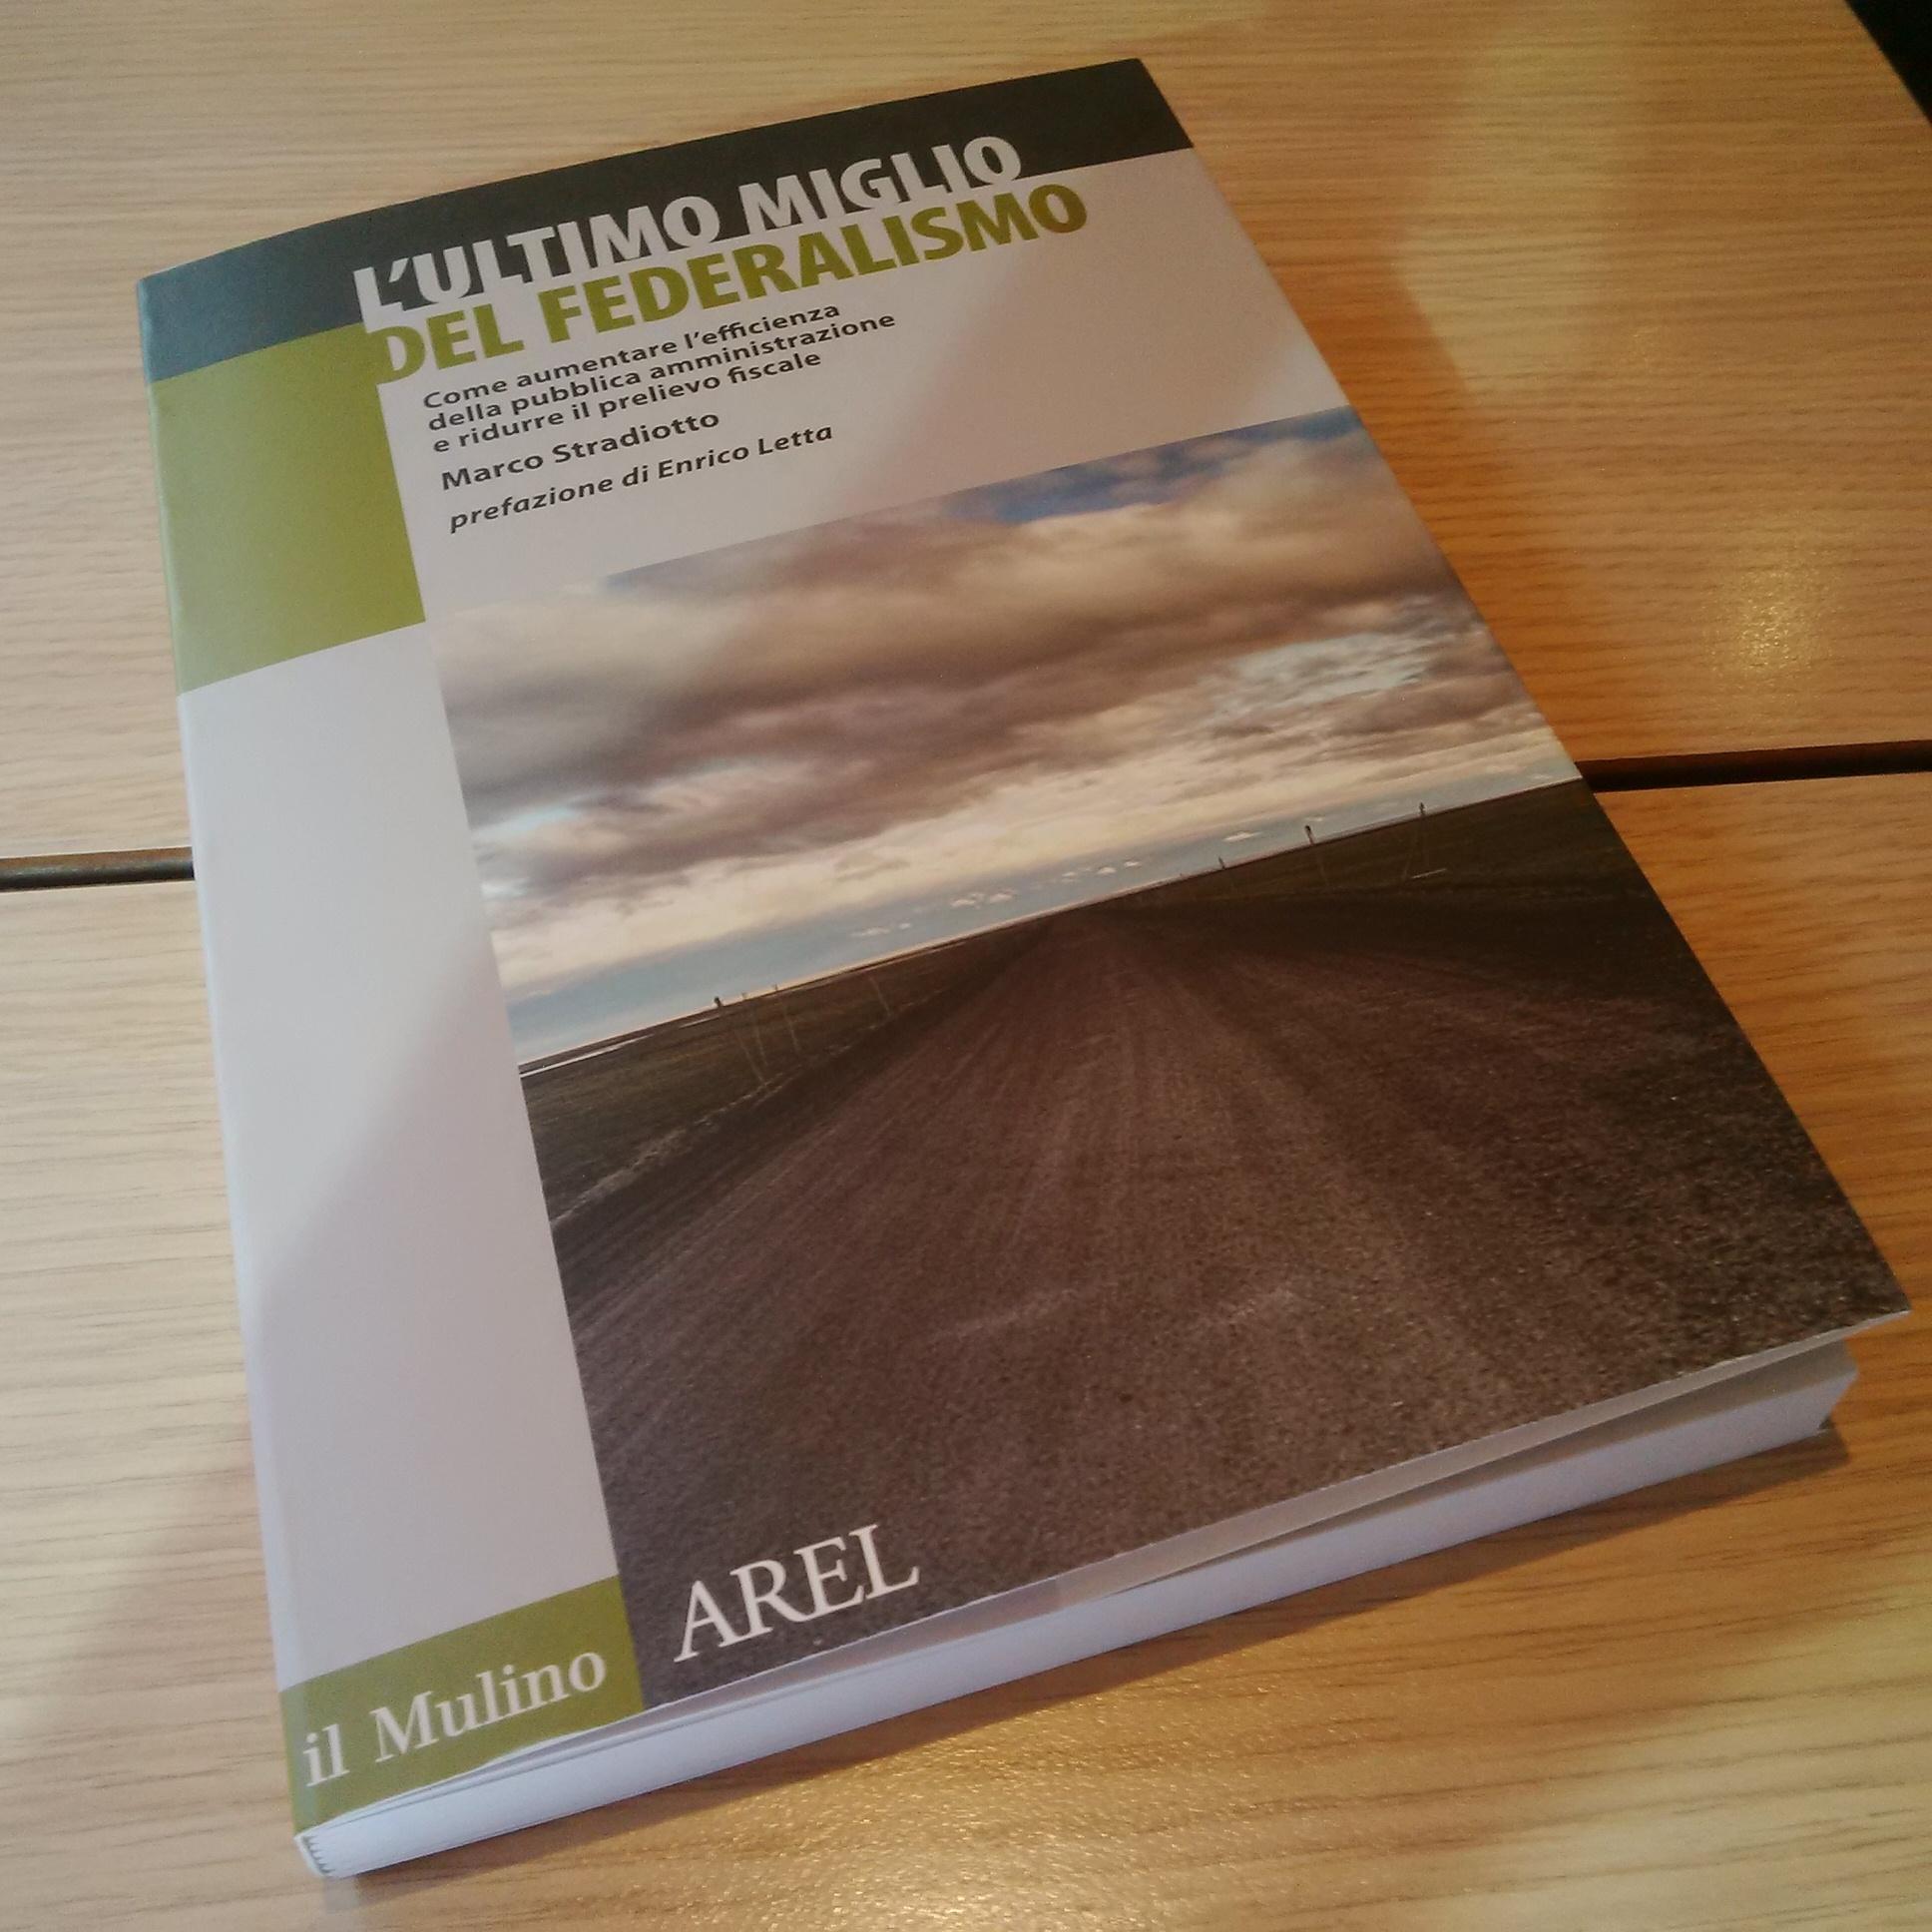 """E' uscito il mio libro: """"L'Ultimo miglio del Federalismo"""", prefazione di Enrico Letta"""